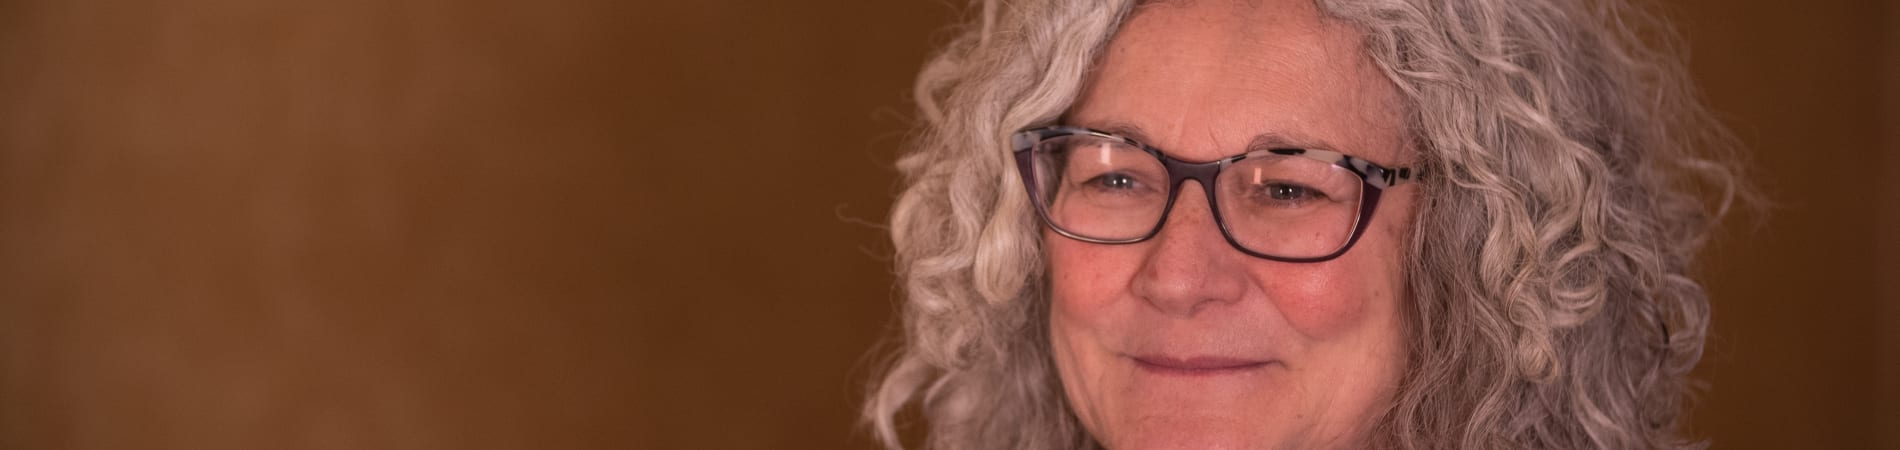 Janet Ashdown